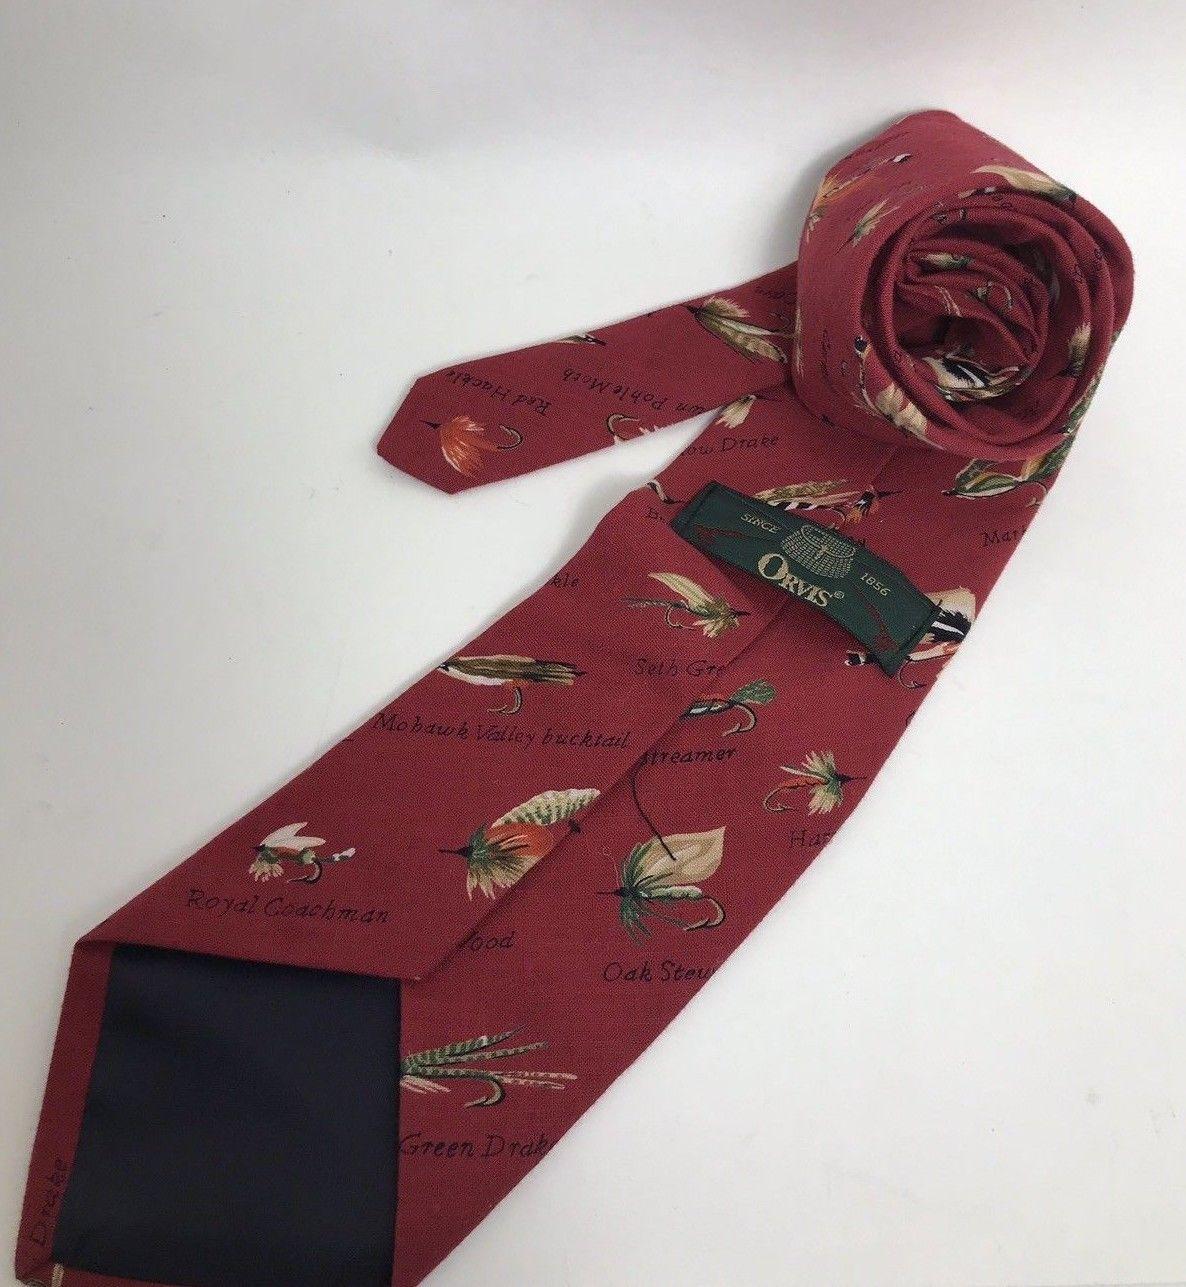 VTG Orvis Fly Necktie